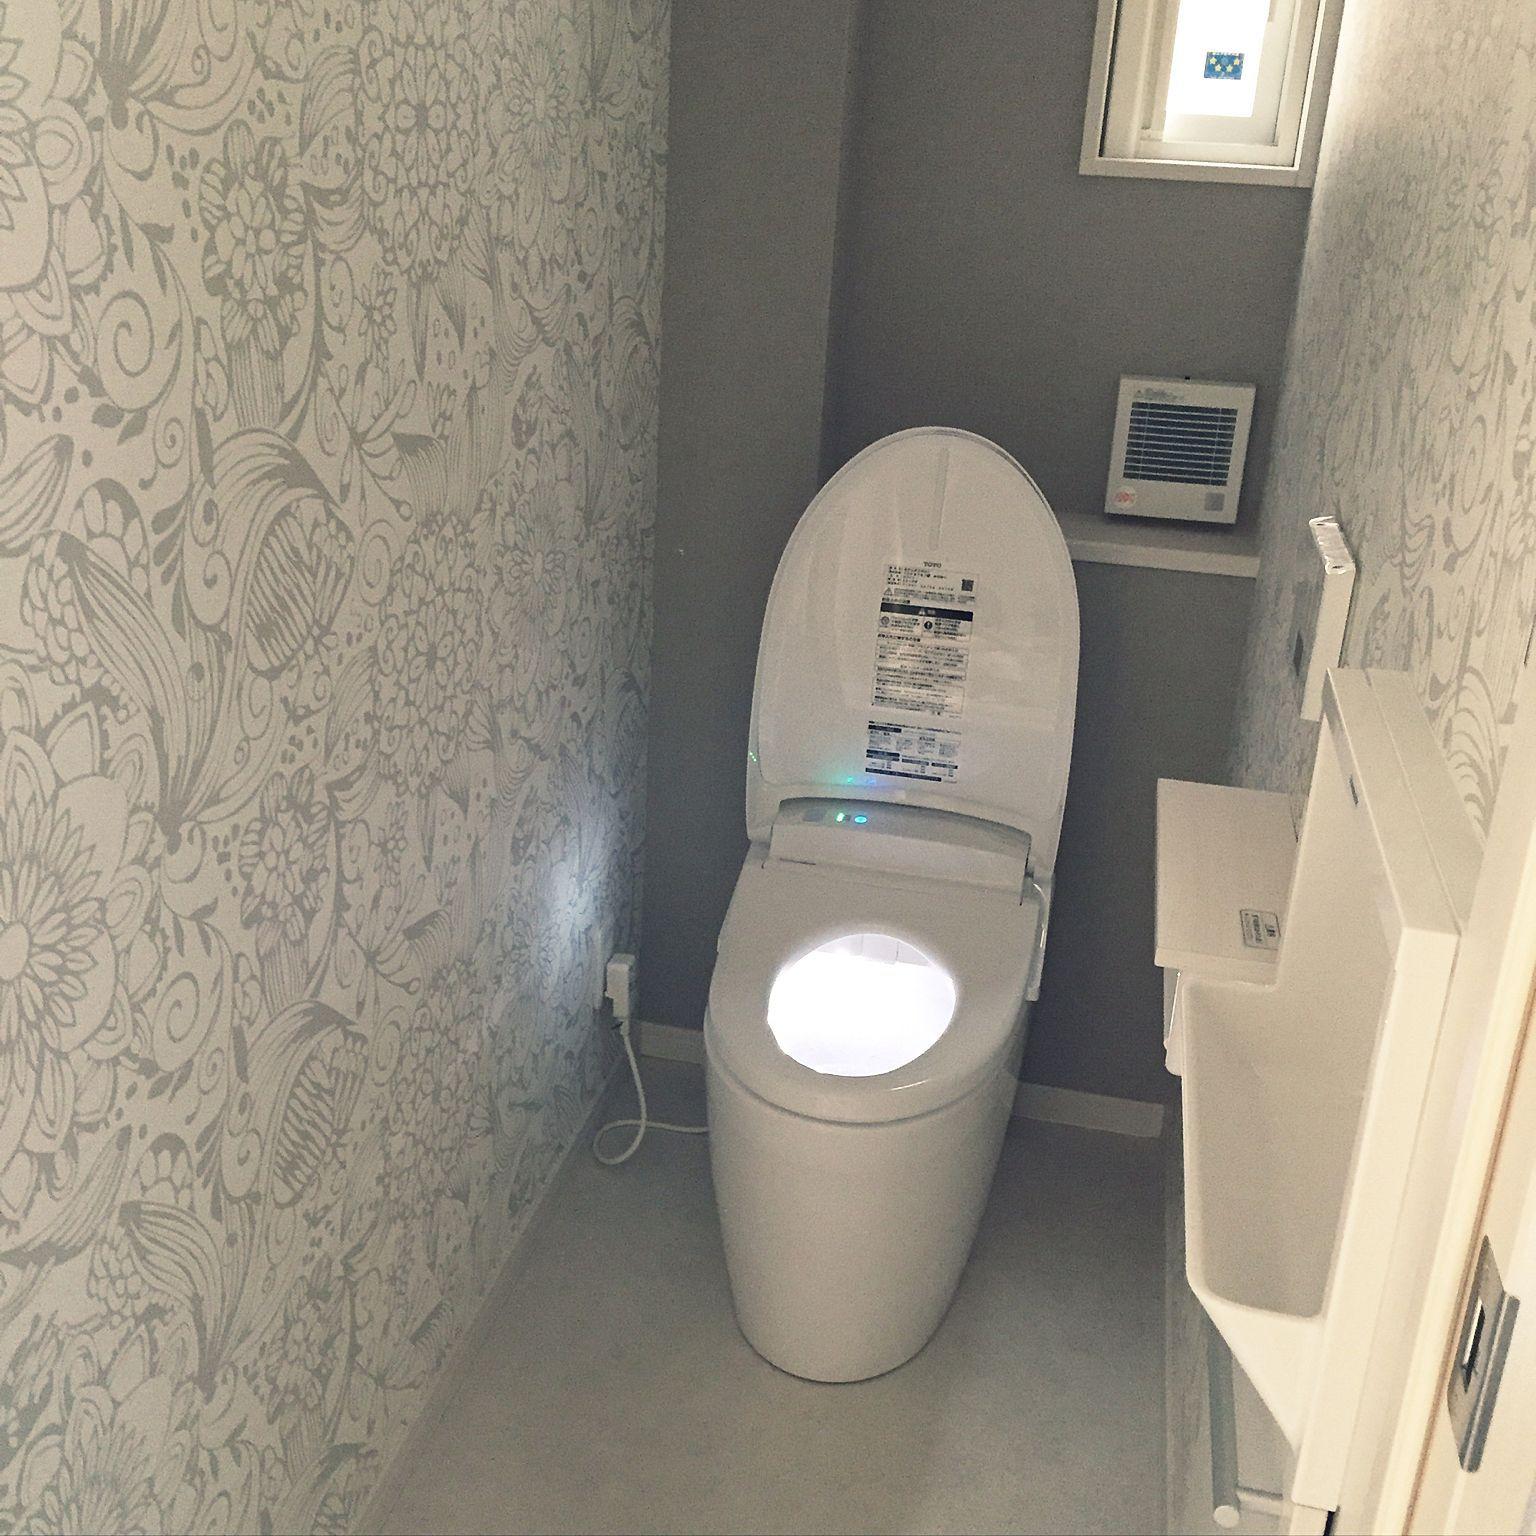 バス トイレ グレー 白 グレー トイレの壁 アクセントクロス などのインテリア実例 16 09 04 17 46 38 Roomclip ルームクリップ グレー トイレ トイレ 壁紙 トイレ アクセントクロス